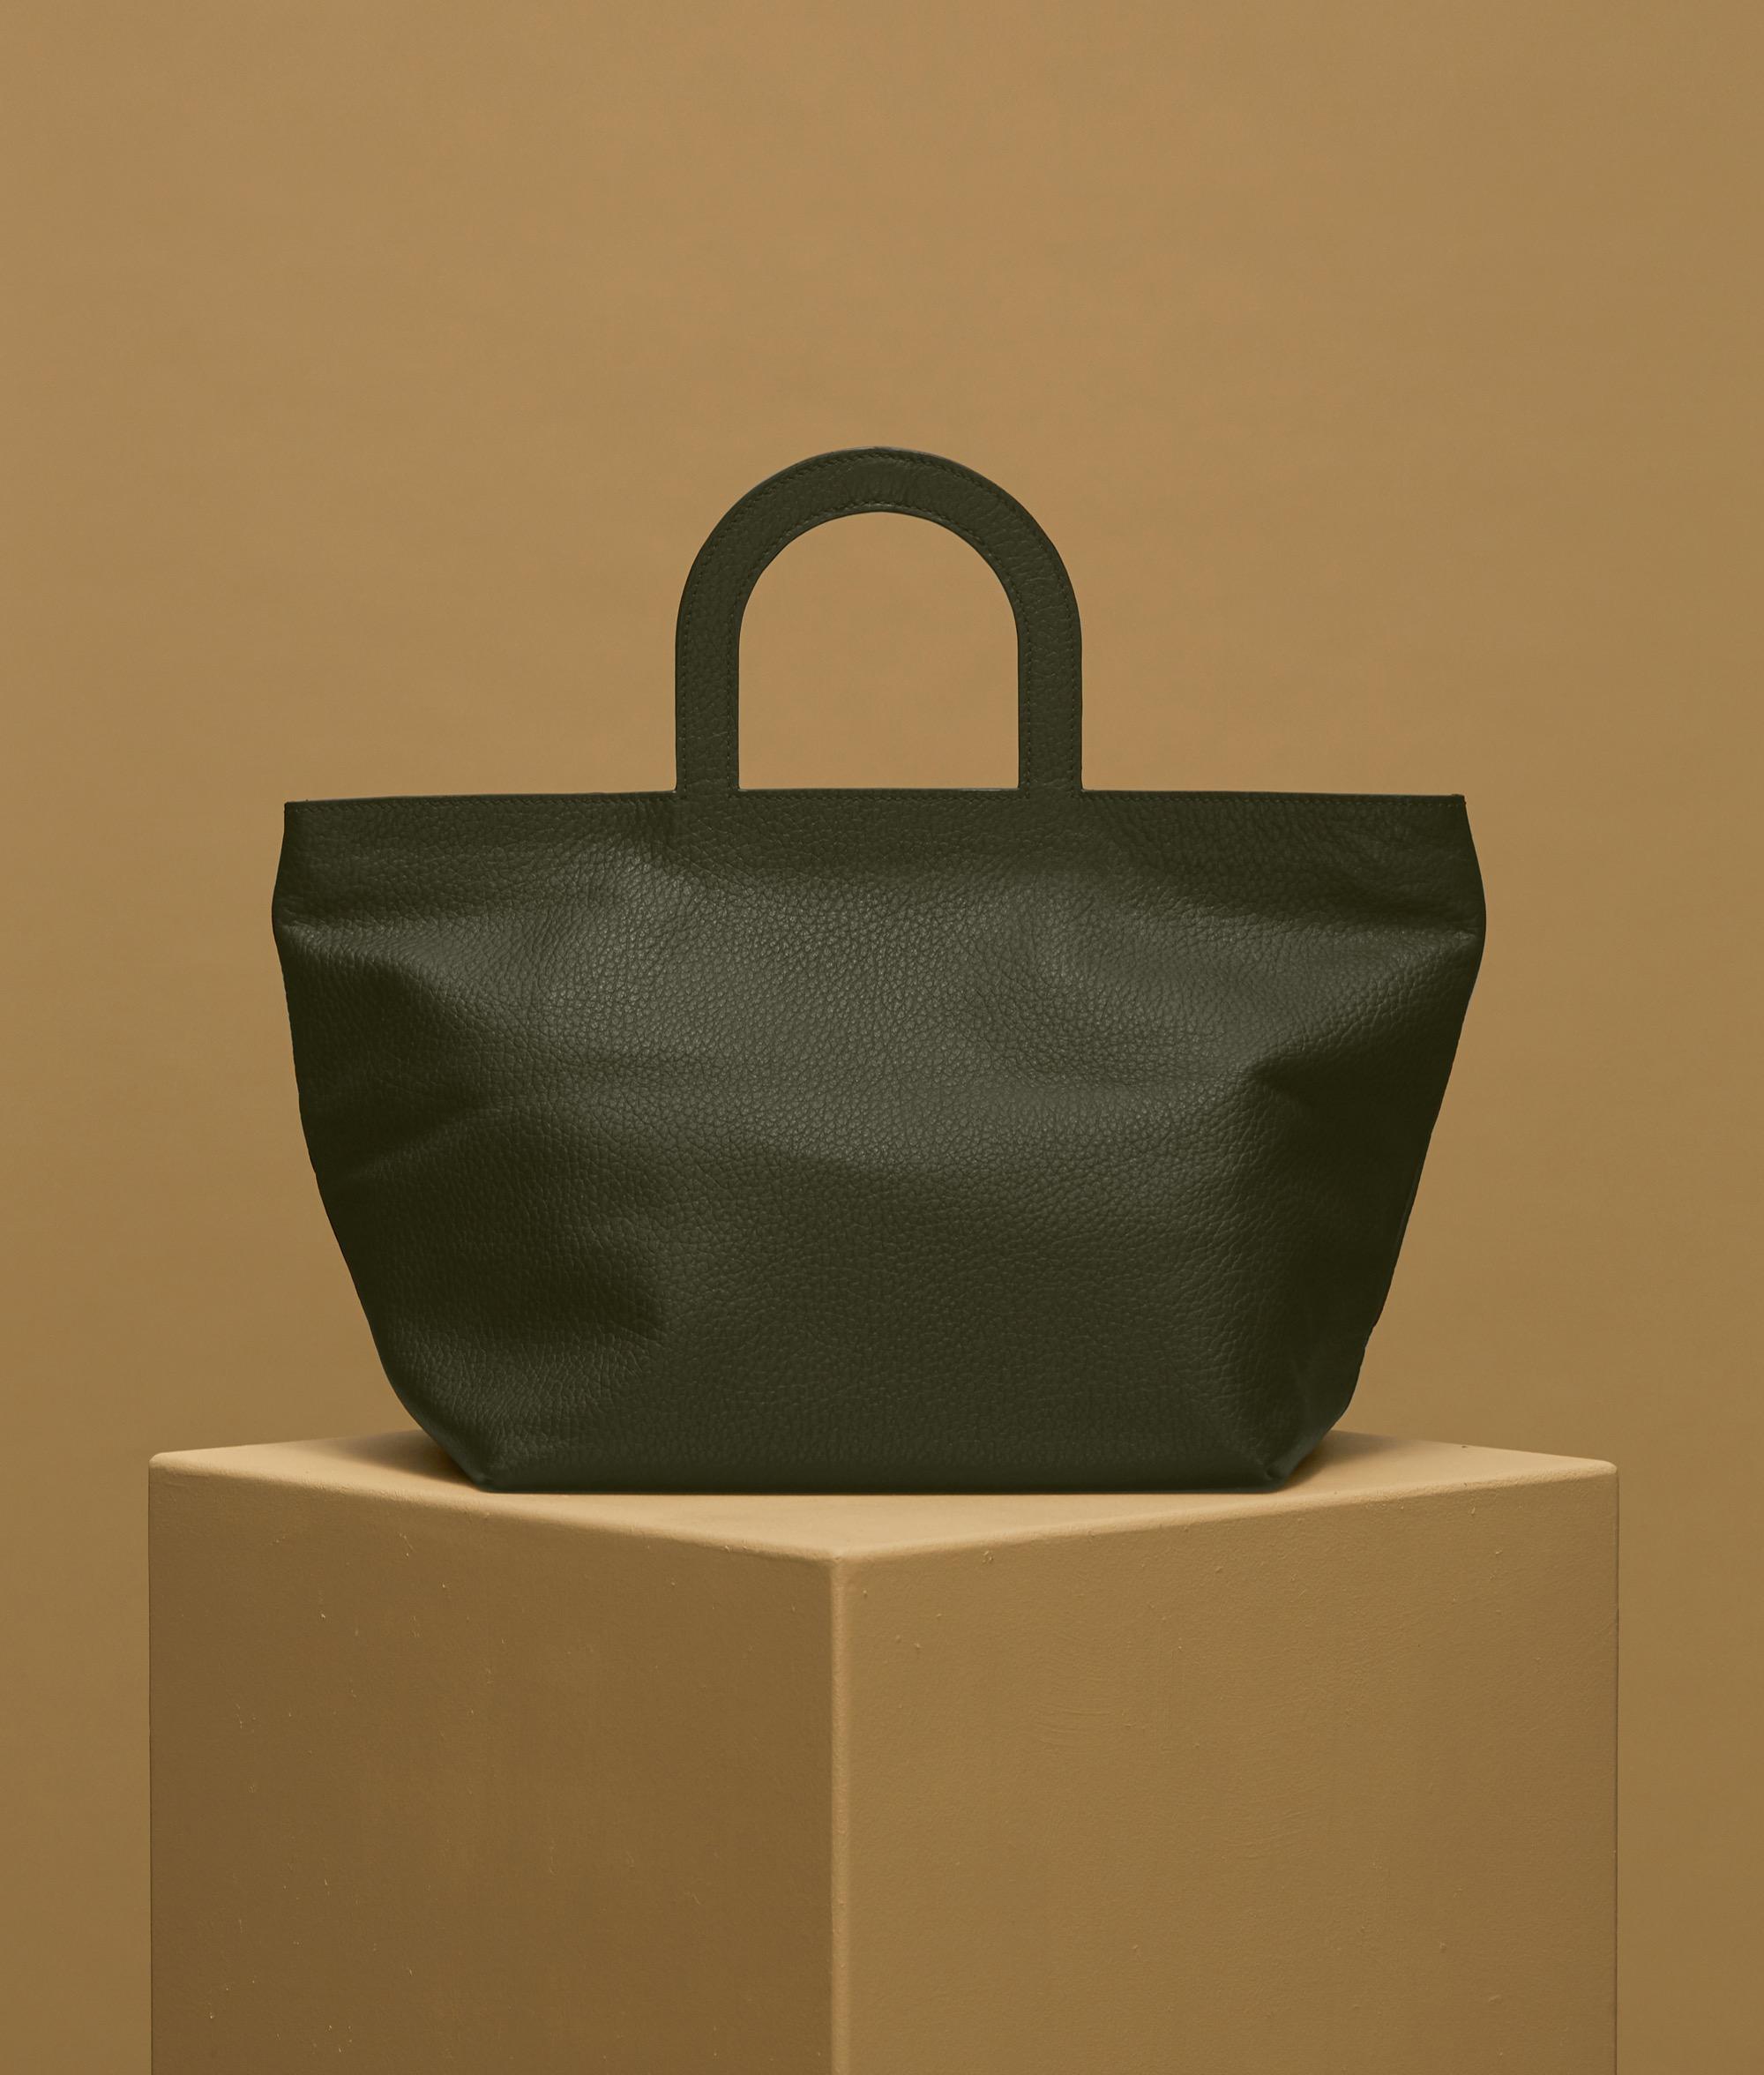 Building Blocks mini stencel duffel bag